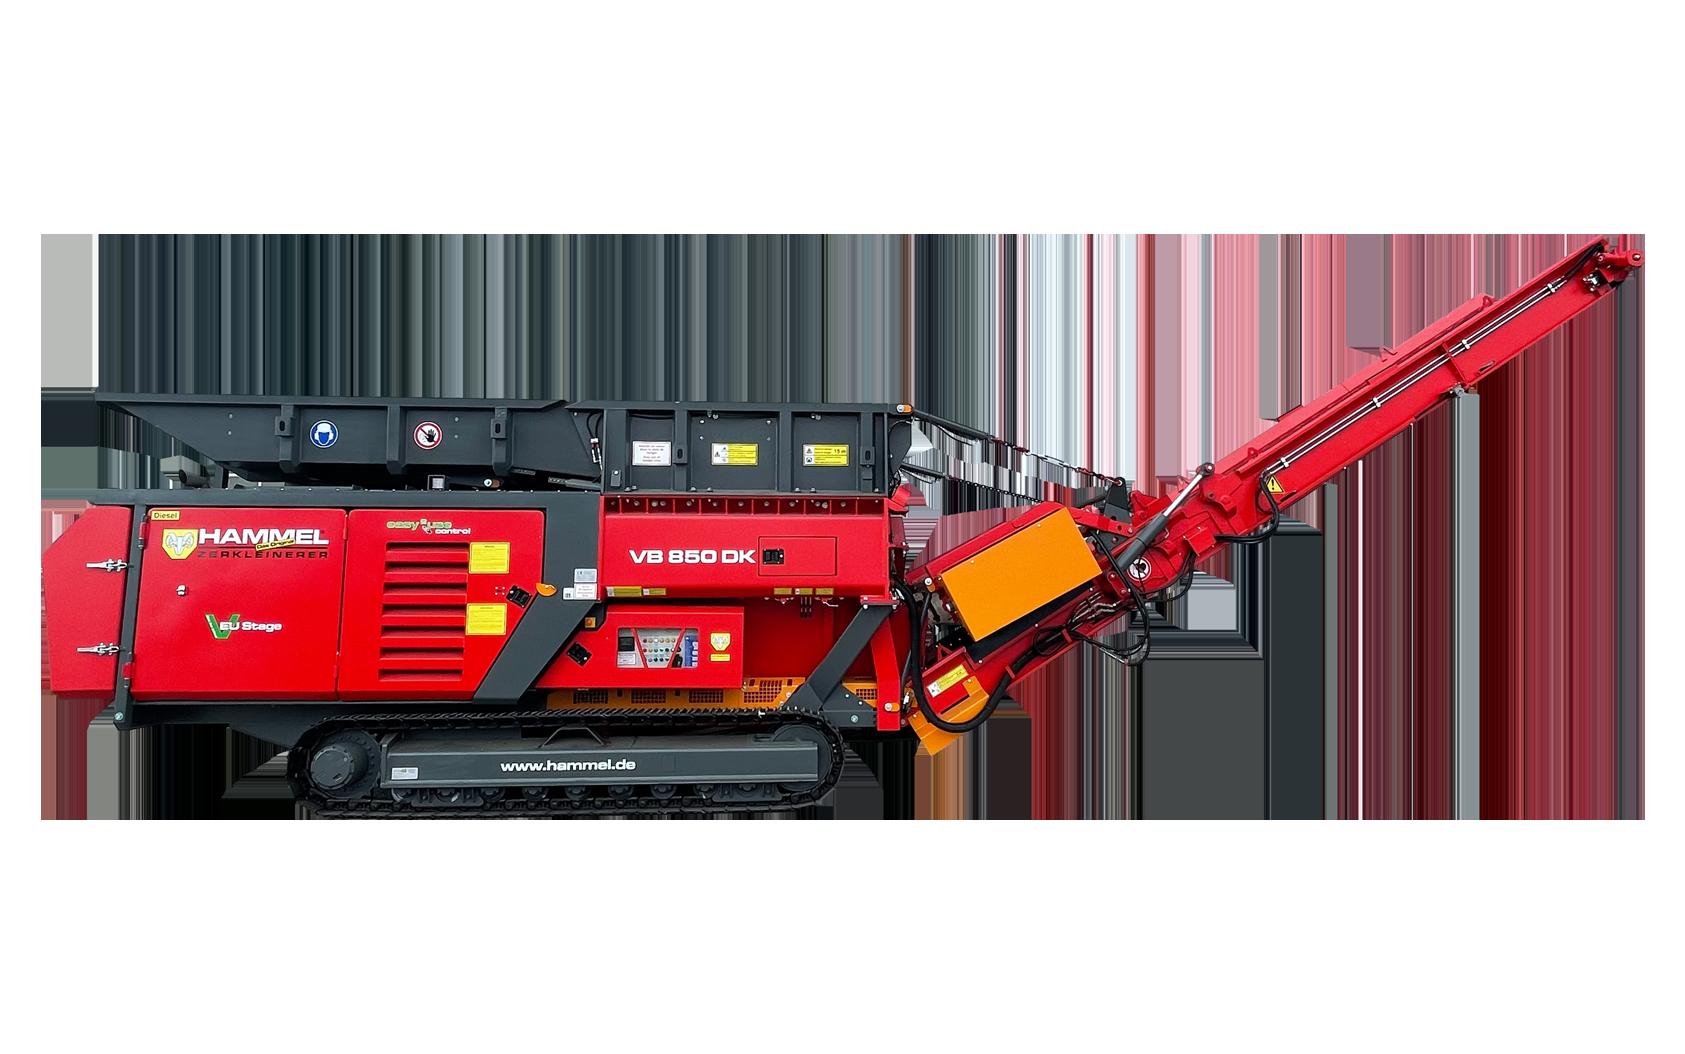 VB 850 DK